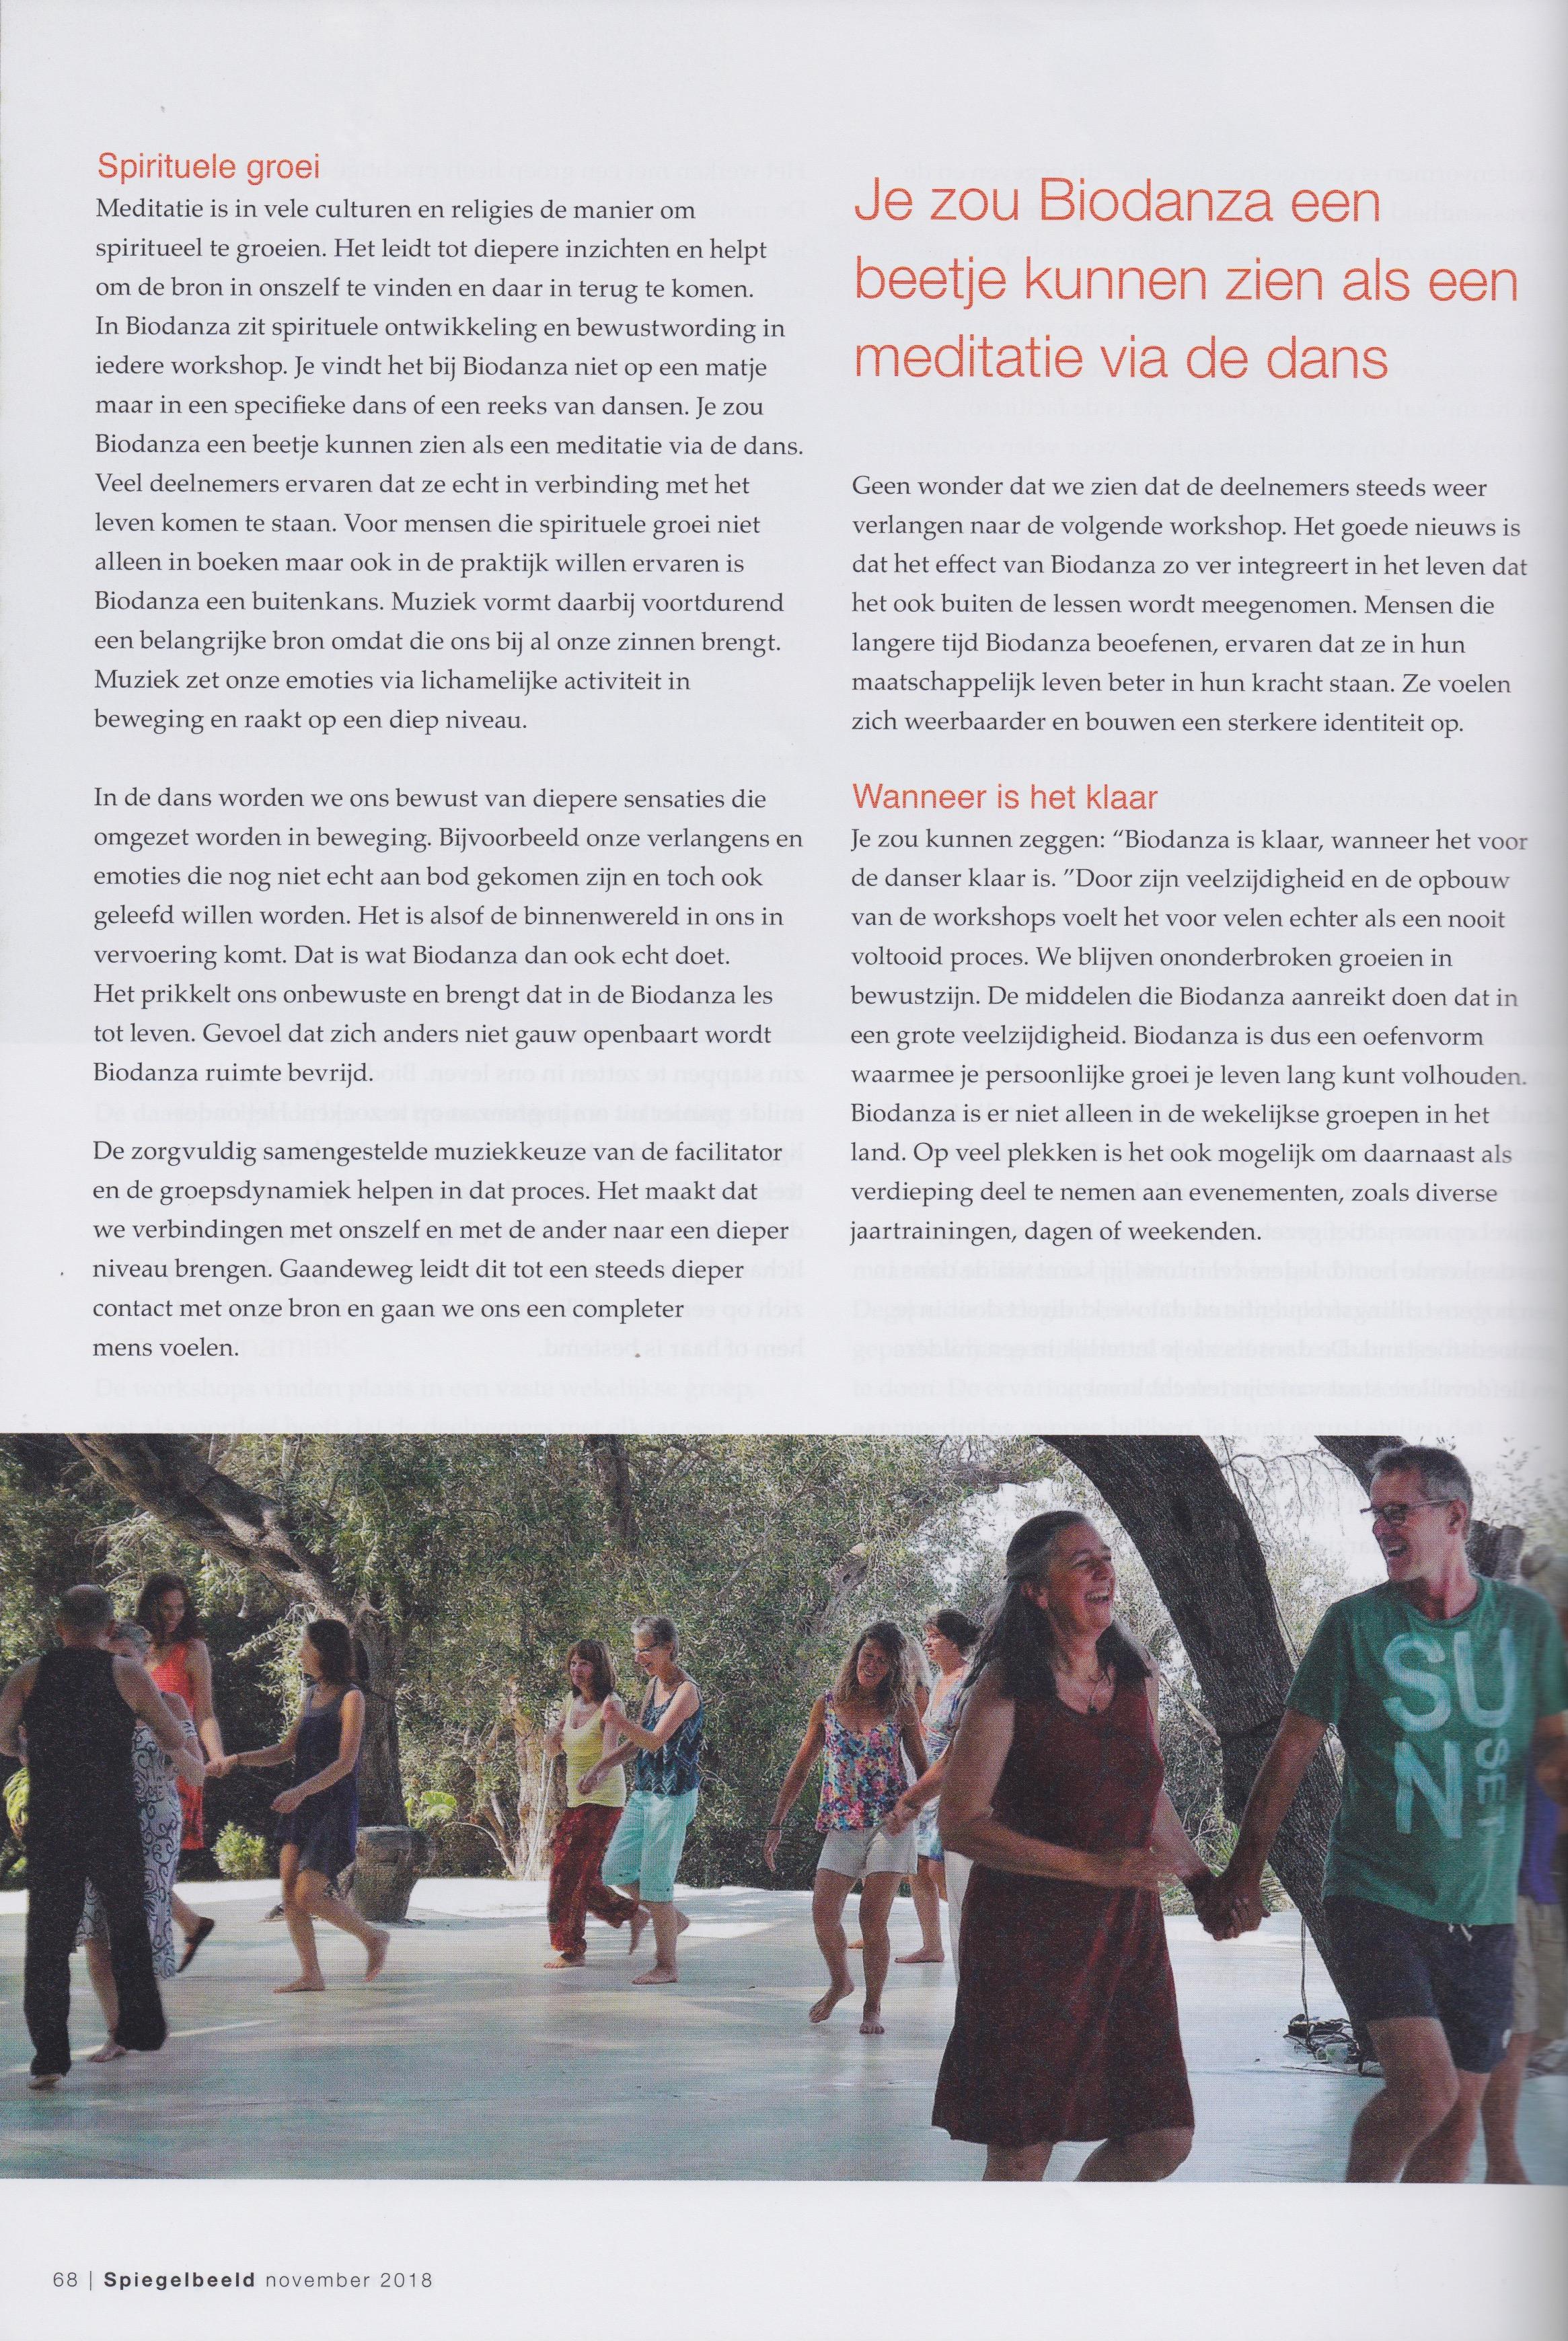 Pagina-5-Biodanza-Spiegelbeeld